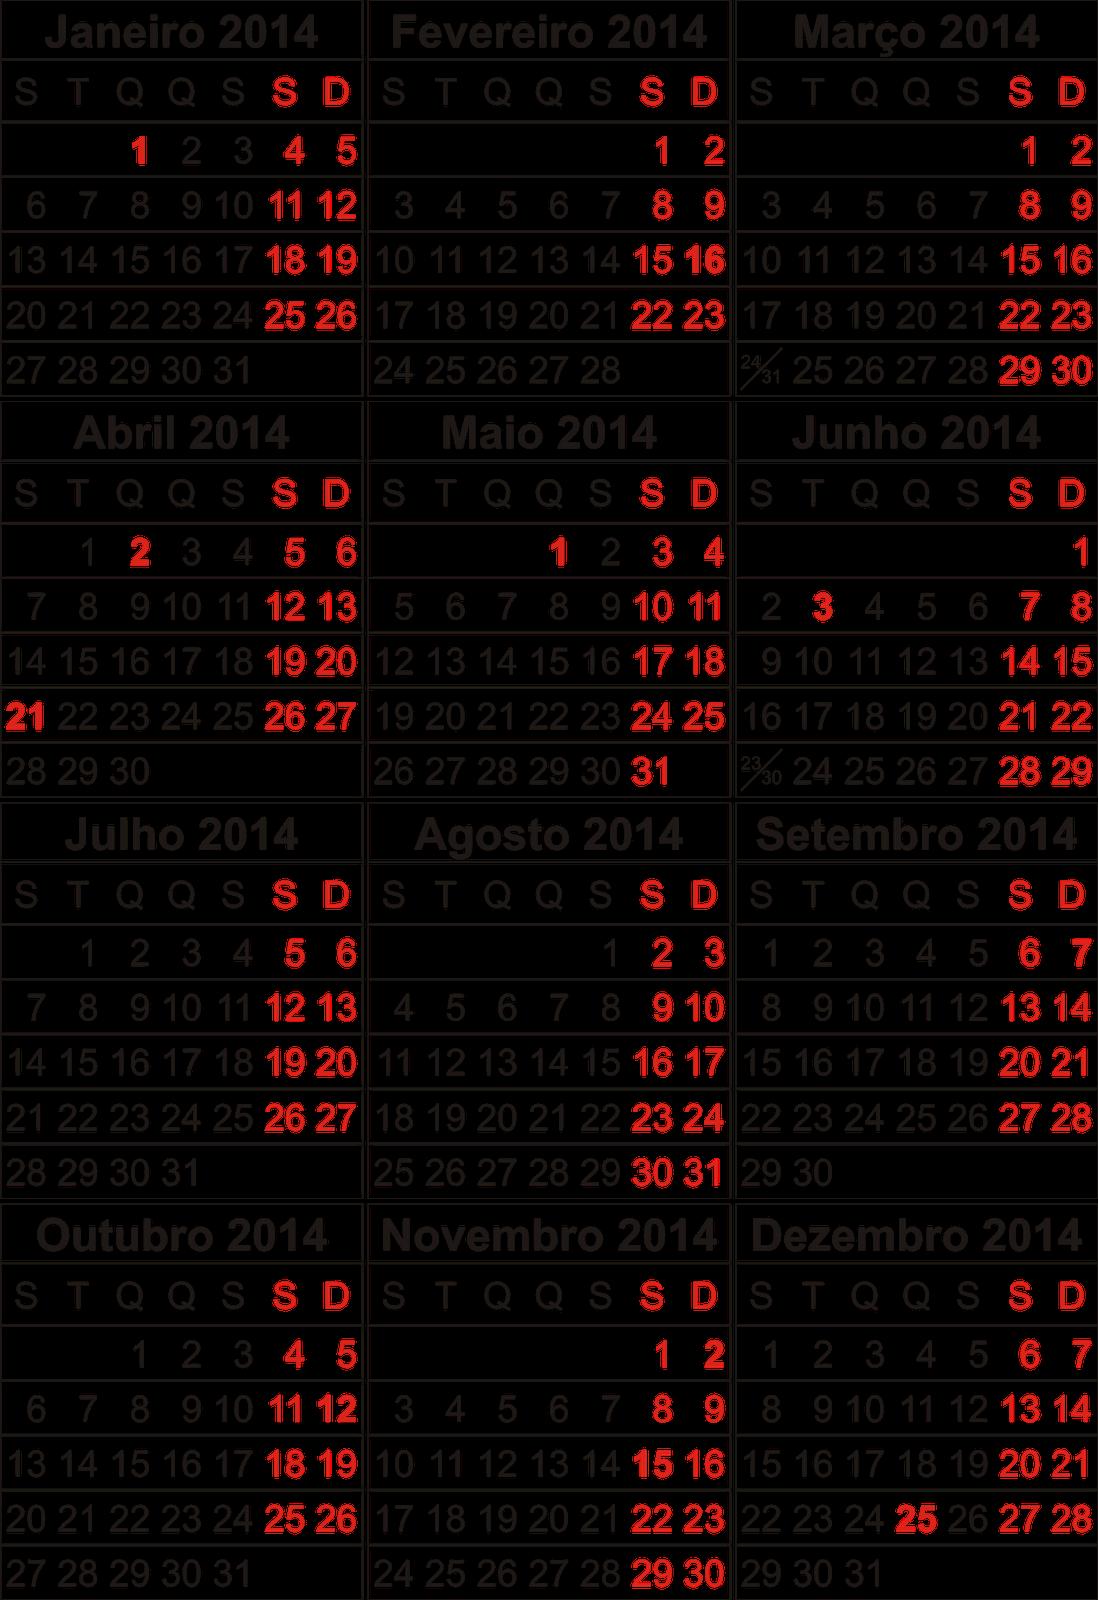 Calendario 2014 Imprimir Imprimir Calendário 2014